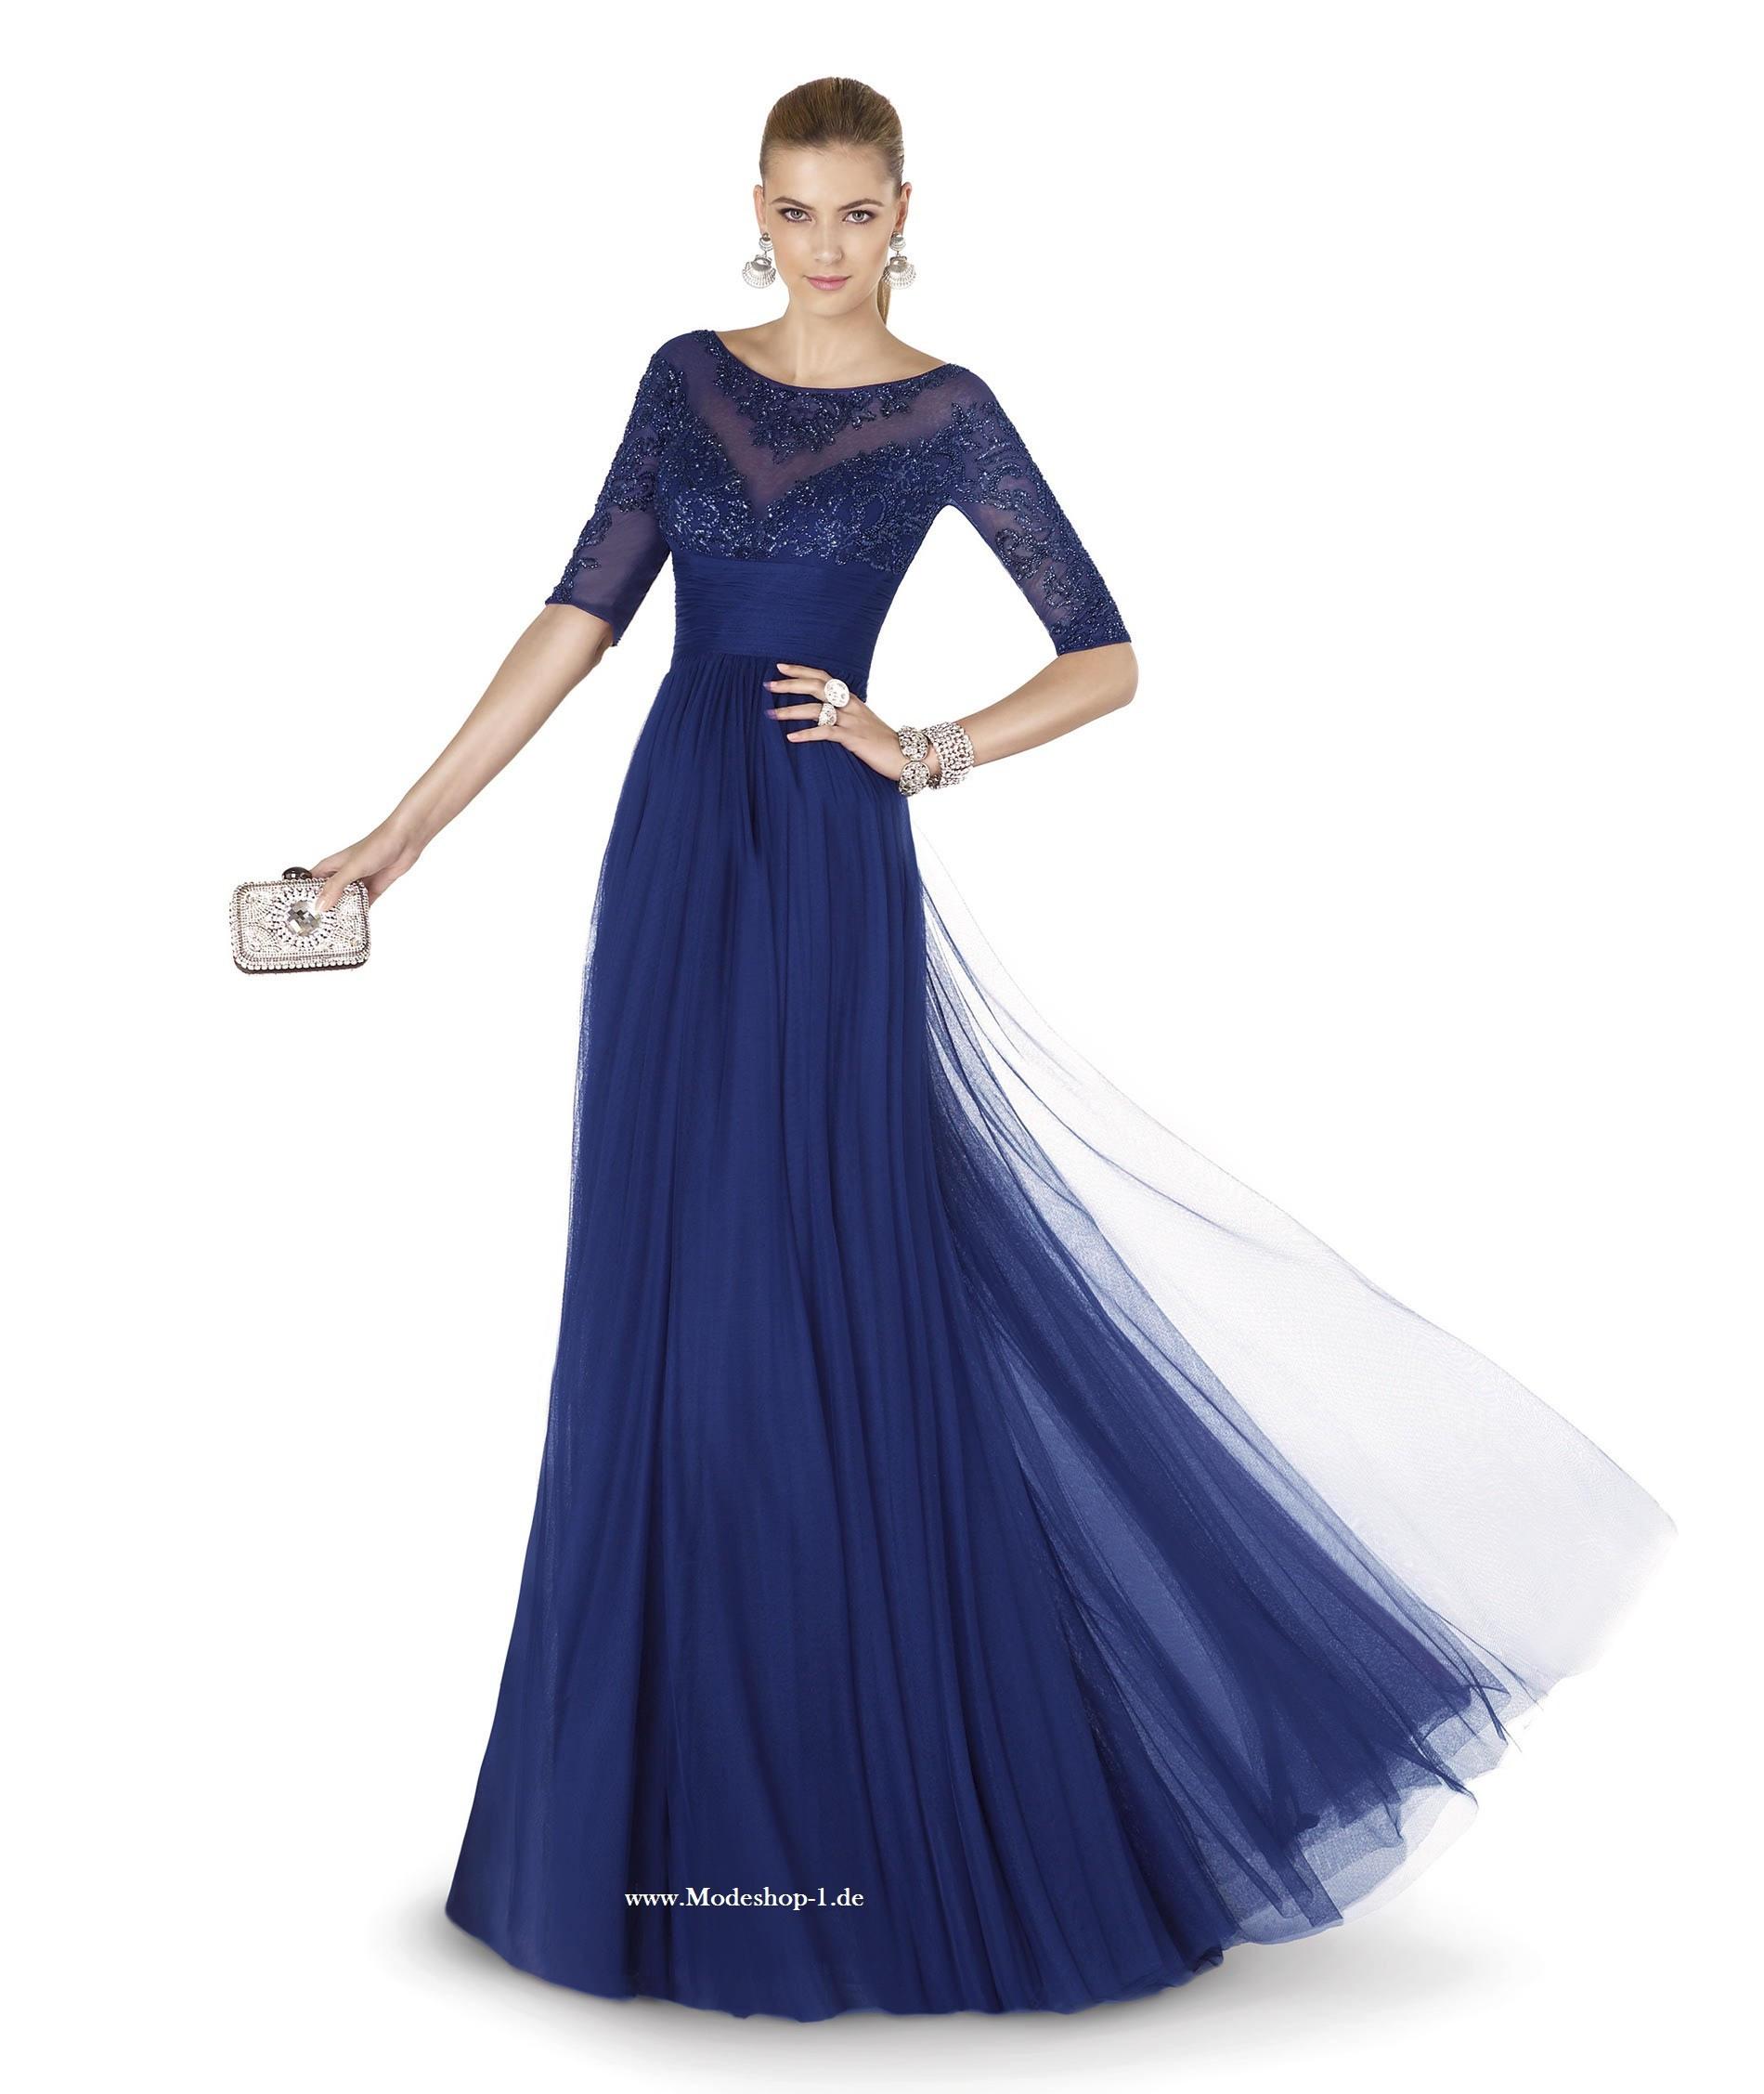 17 Elegant Blaues Abendkleid VertriebAbend Ausgezeichnet Blaues Abendkleid Stylish